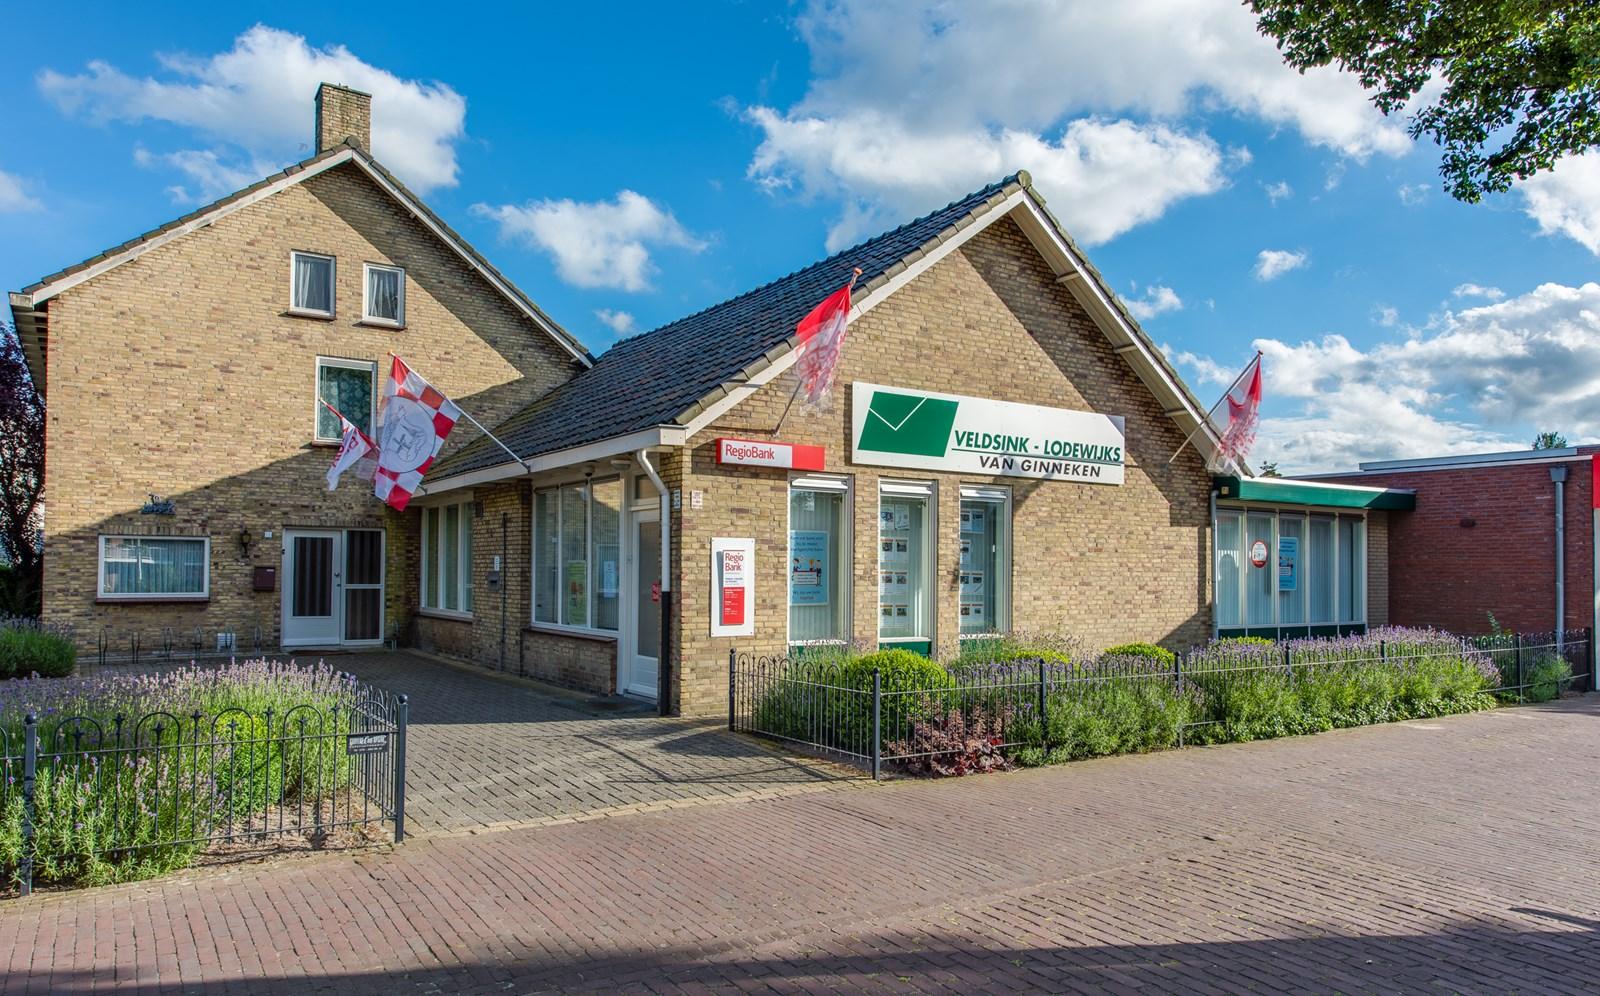 Foto van Veldsink - Lodewijks van Ginneken